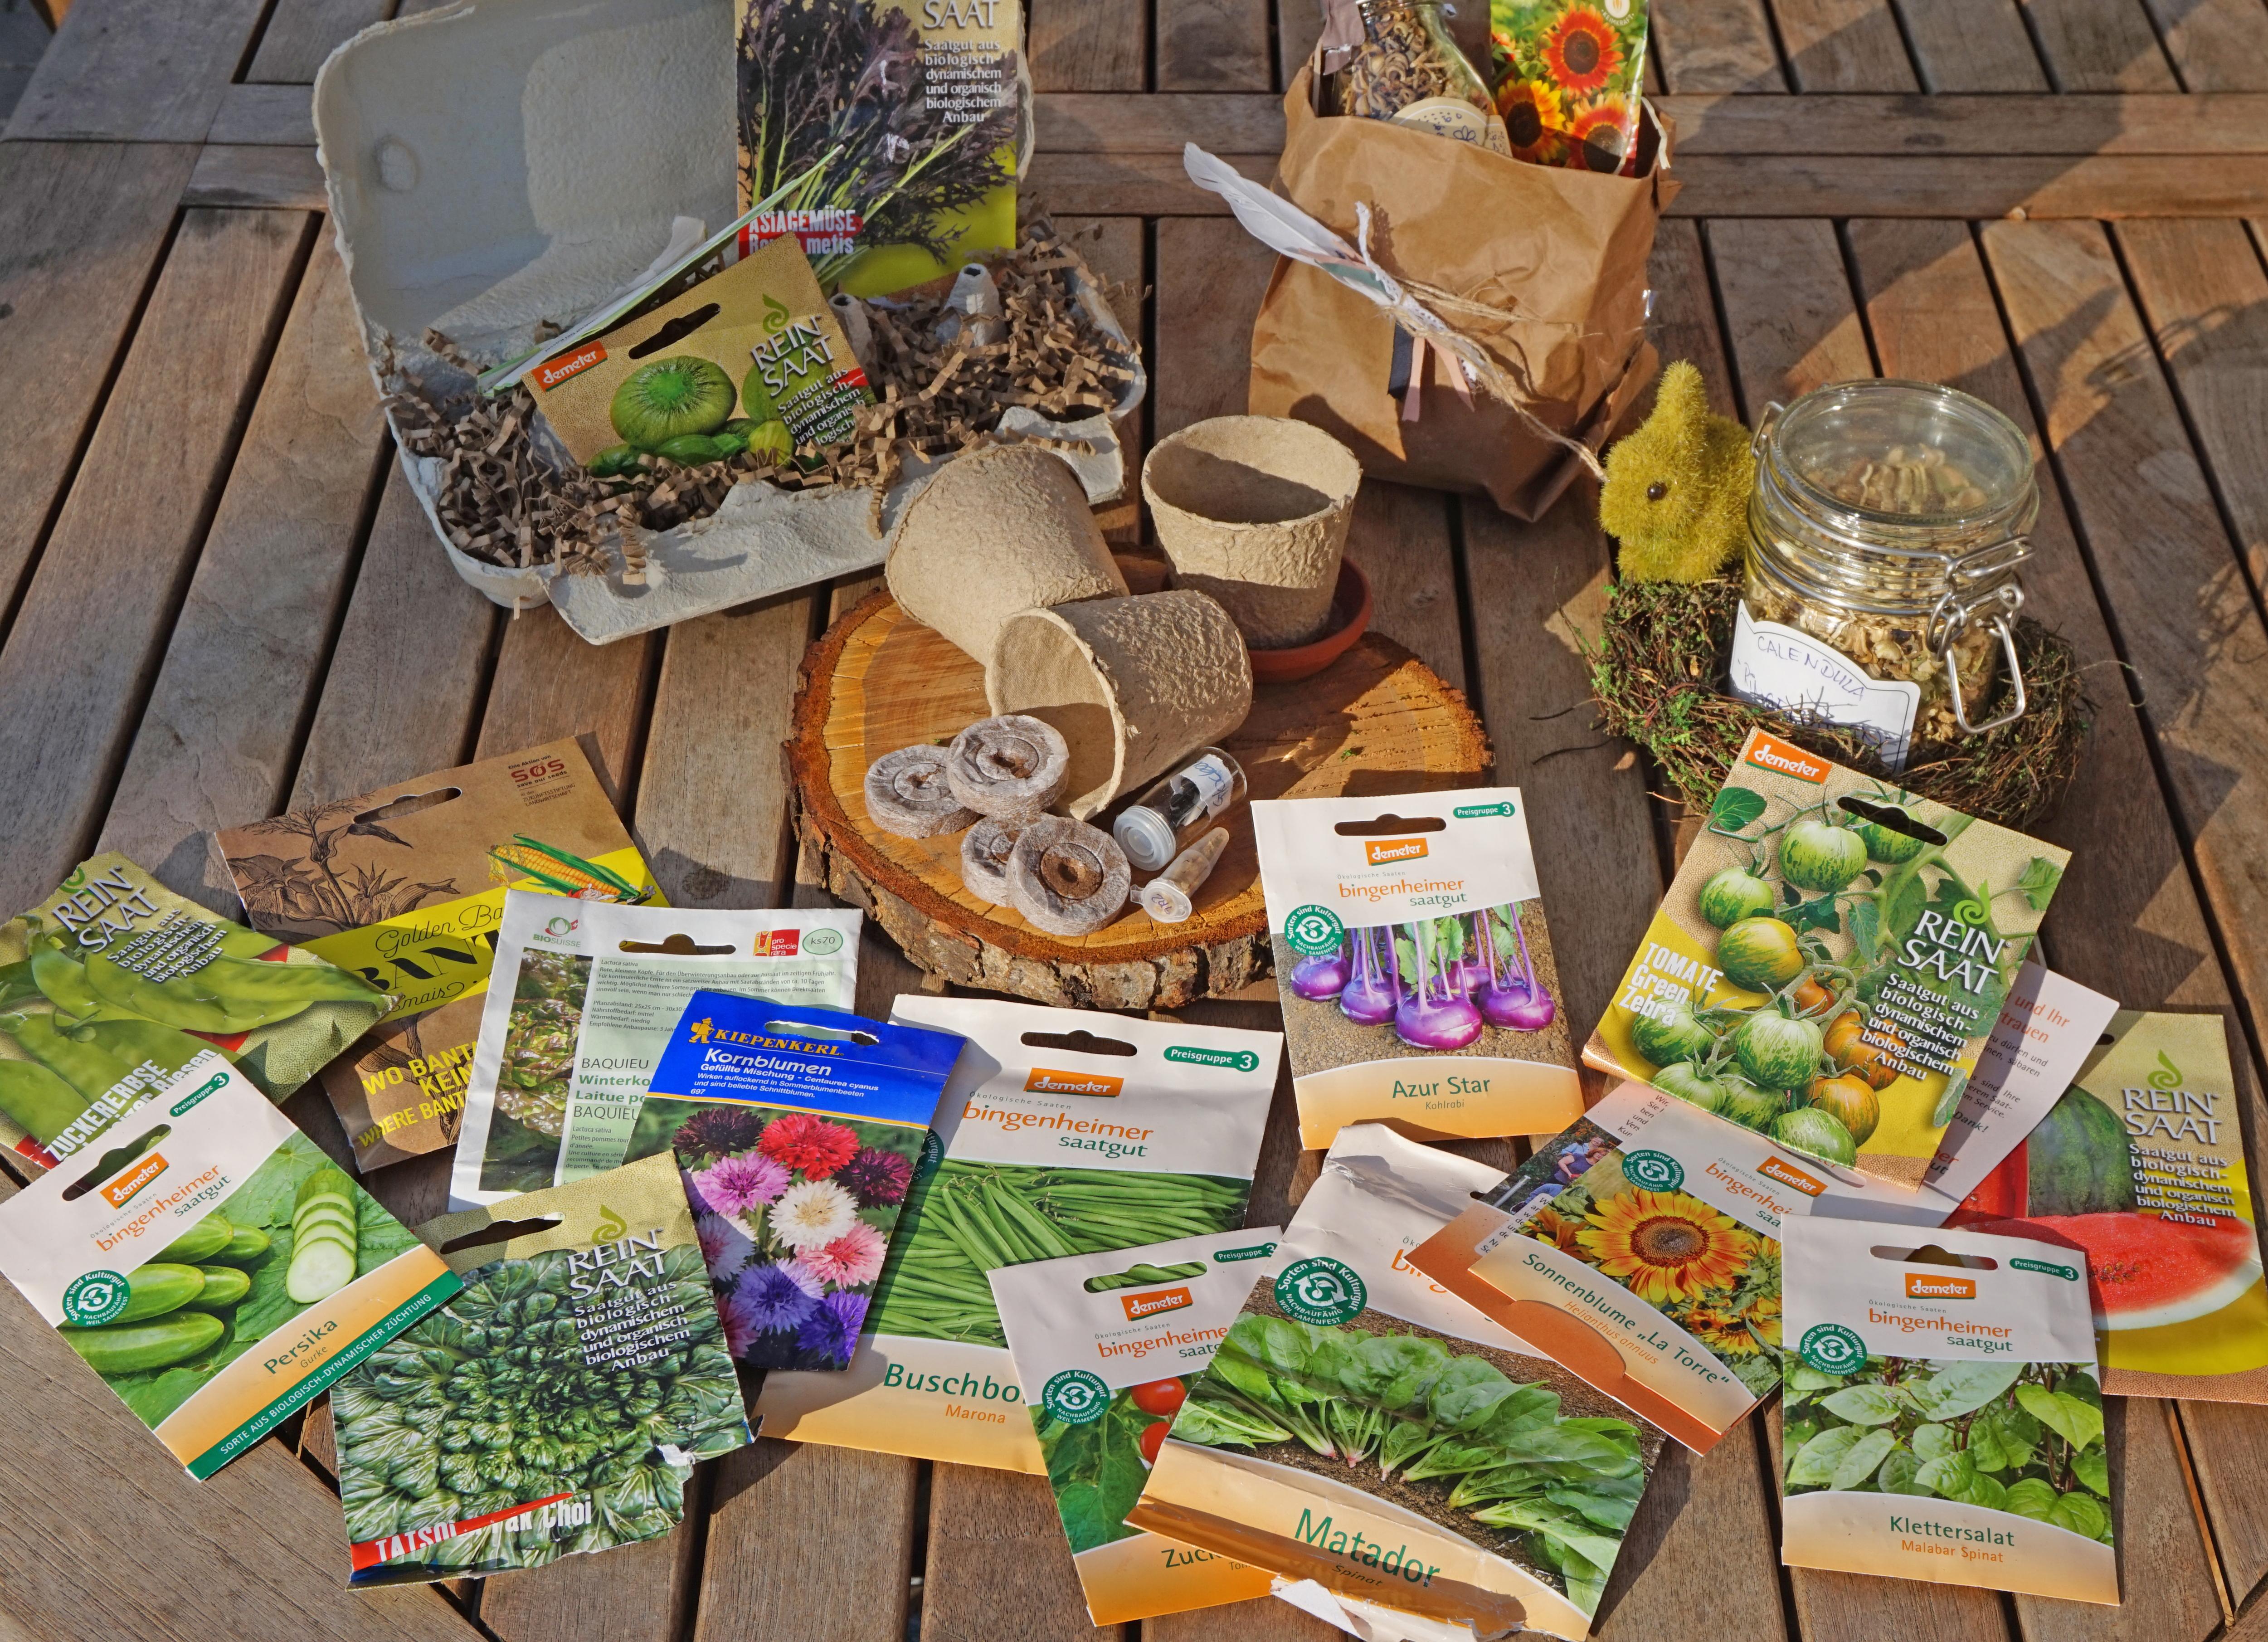 Samentütchen Auswahl um Gemüse selber zu säen